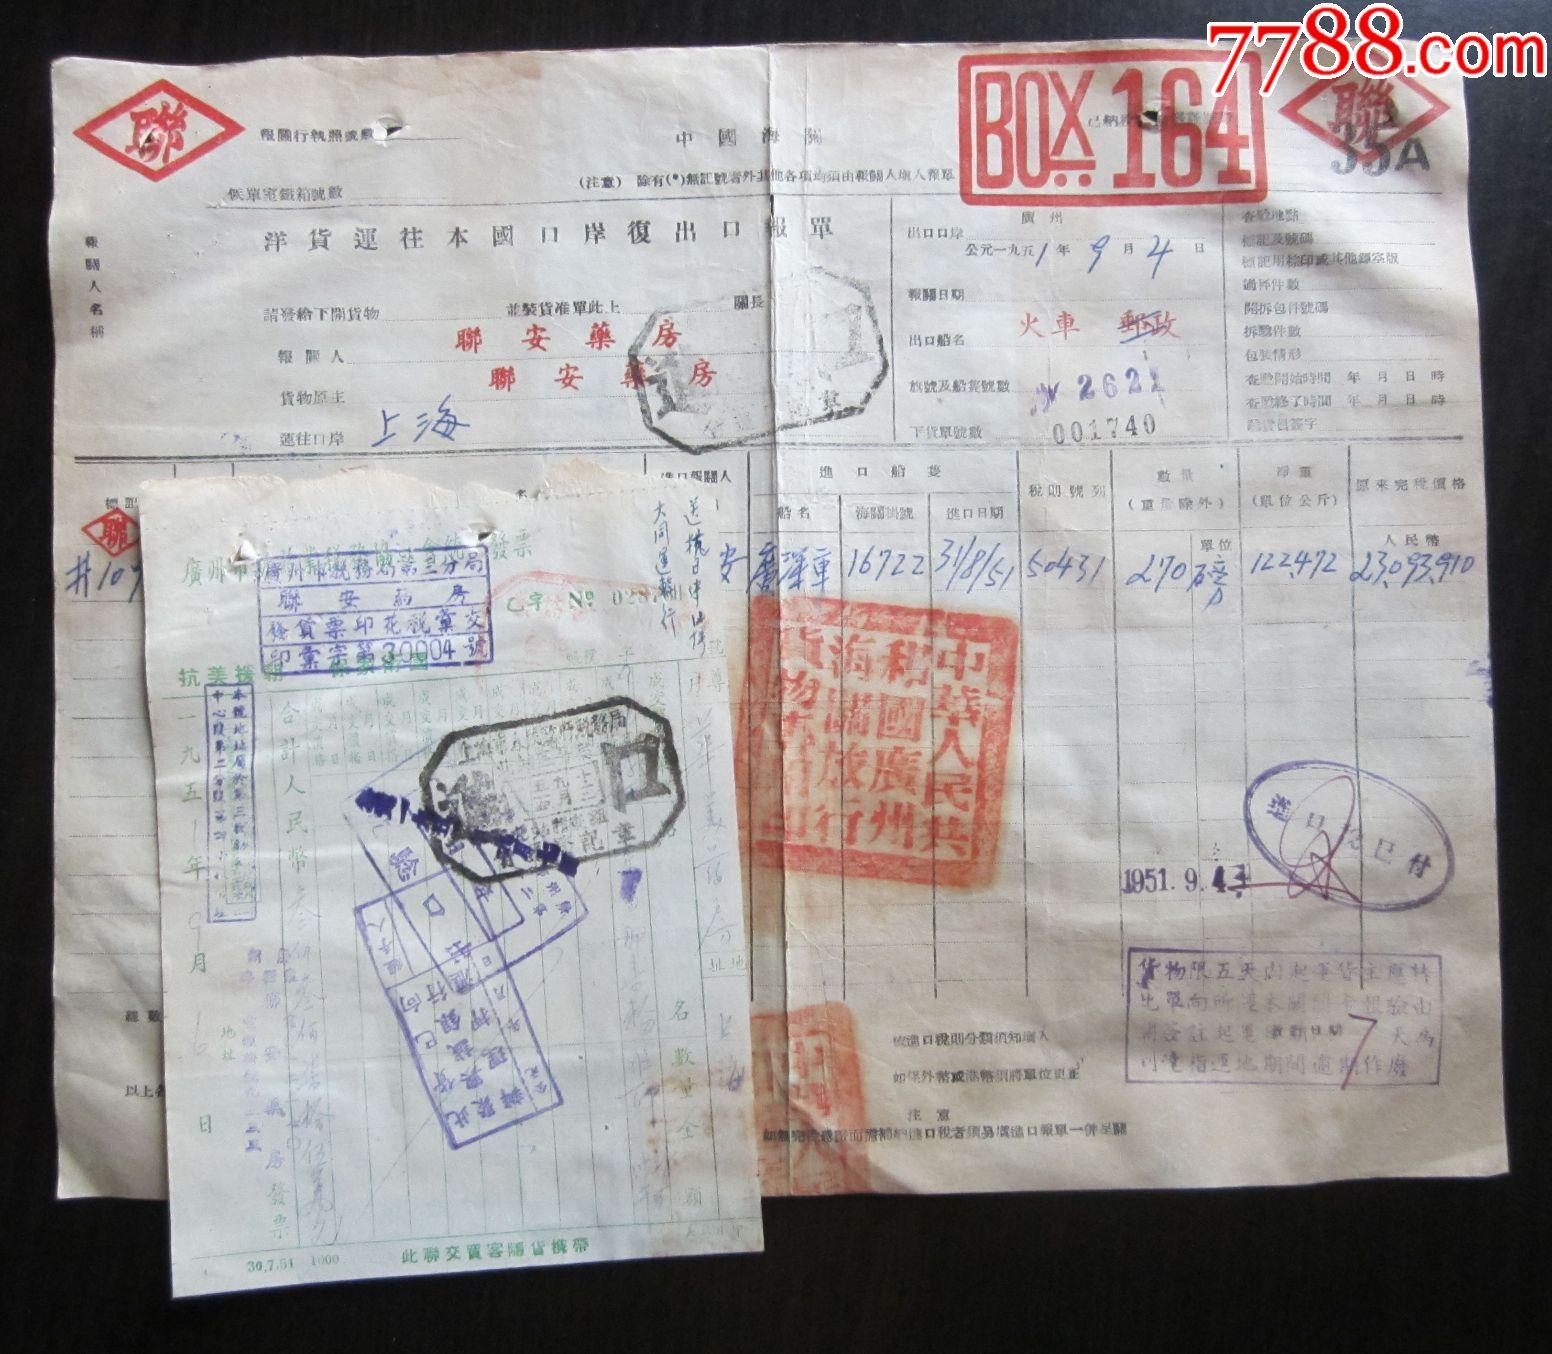 1951年中国海关洋货运往本国口岸报单附发票印有抗美援朝口号盖海关章